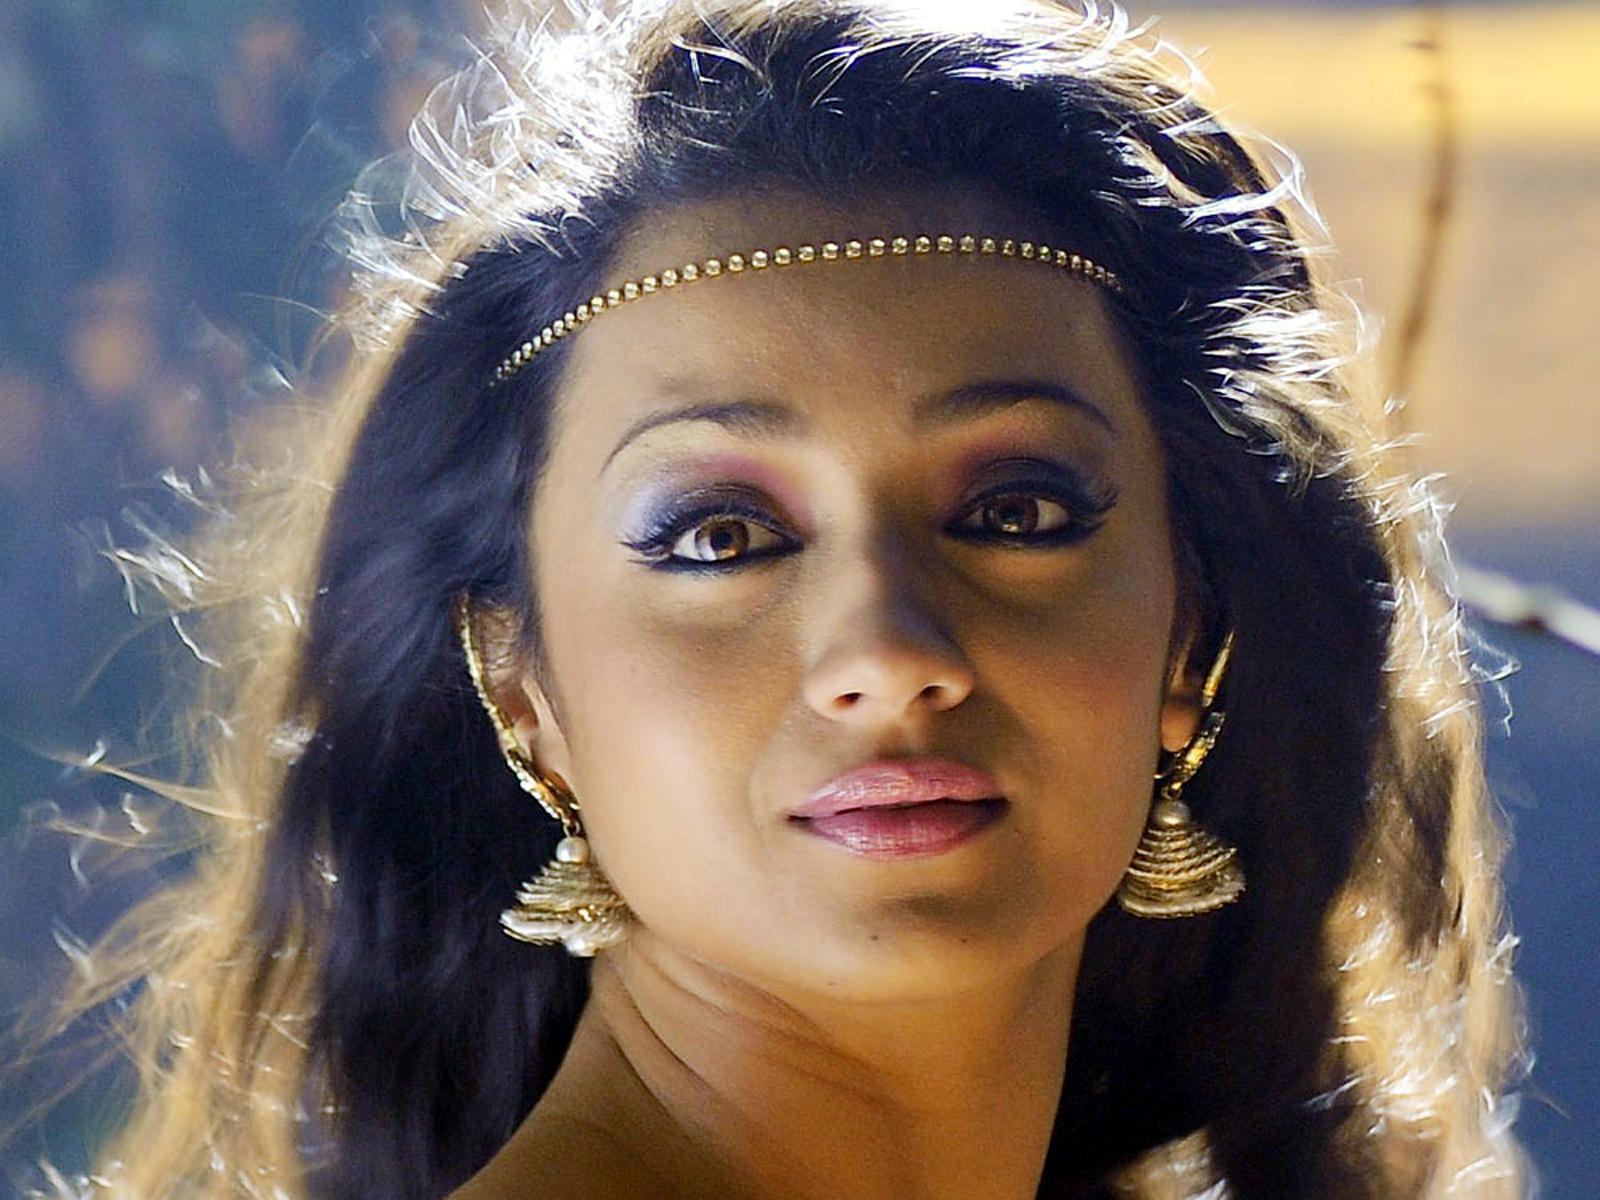 http://1.bp.blogspot.com/-kCHIfUuqtPM/UAvmJbKh16I/AAAAAAAAHzY/BRgZ3vzNuzU/s1600/My+Dream+Girl+%27%27Trisha_Krishnan%27%27+%2827%29.jpg